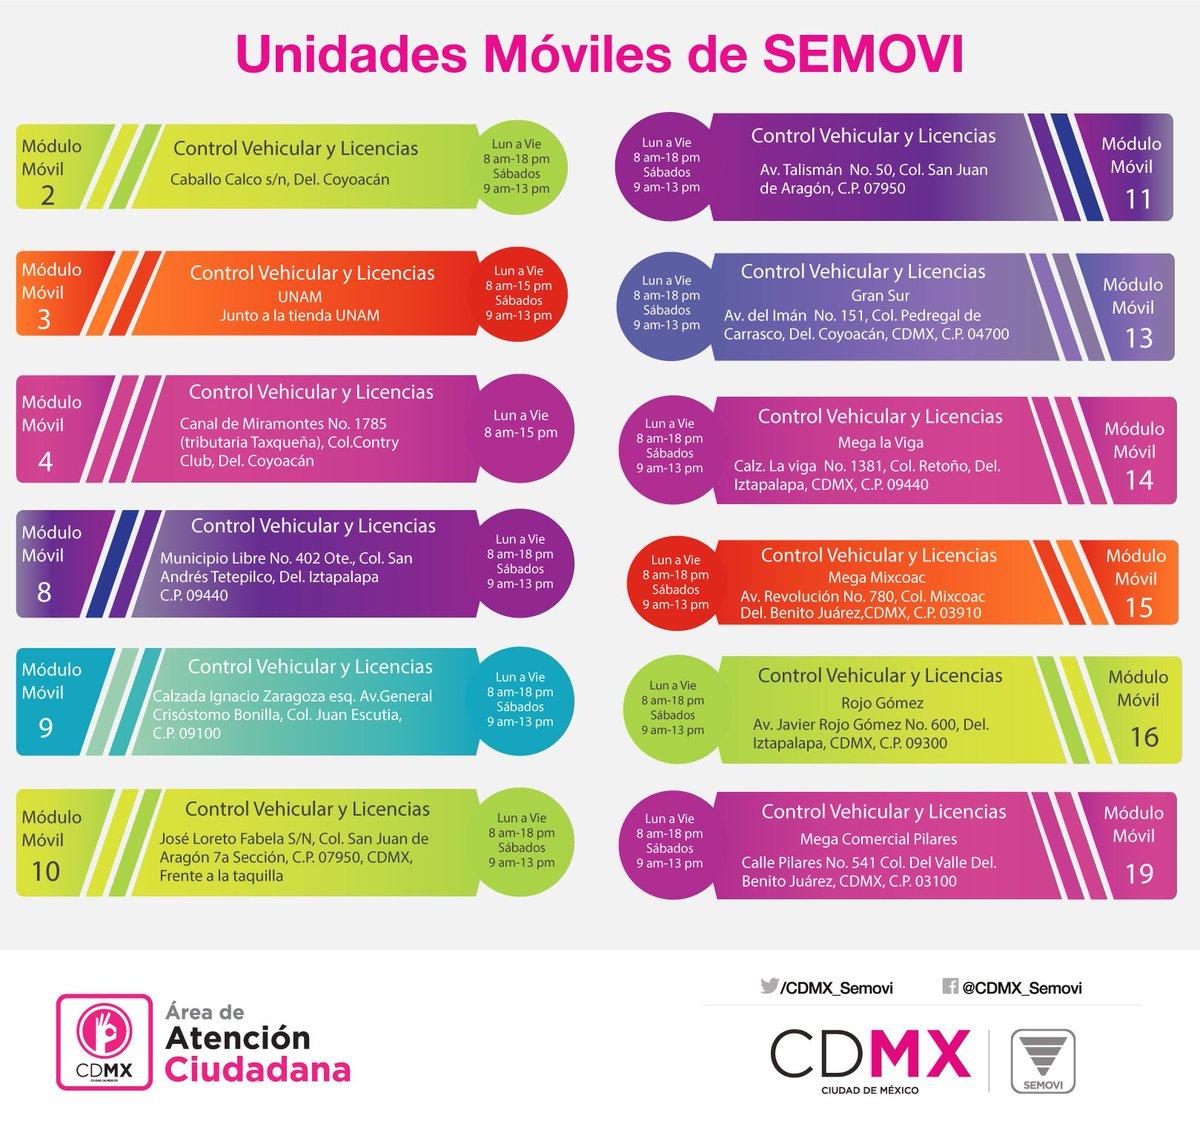 Secretaría De Movilidad Cdmx On Twitter Conoce La